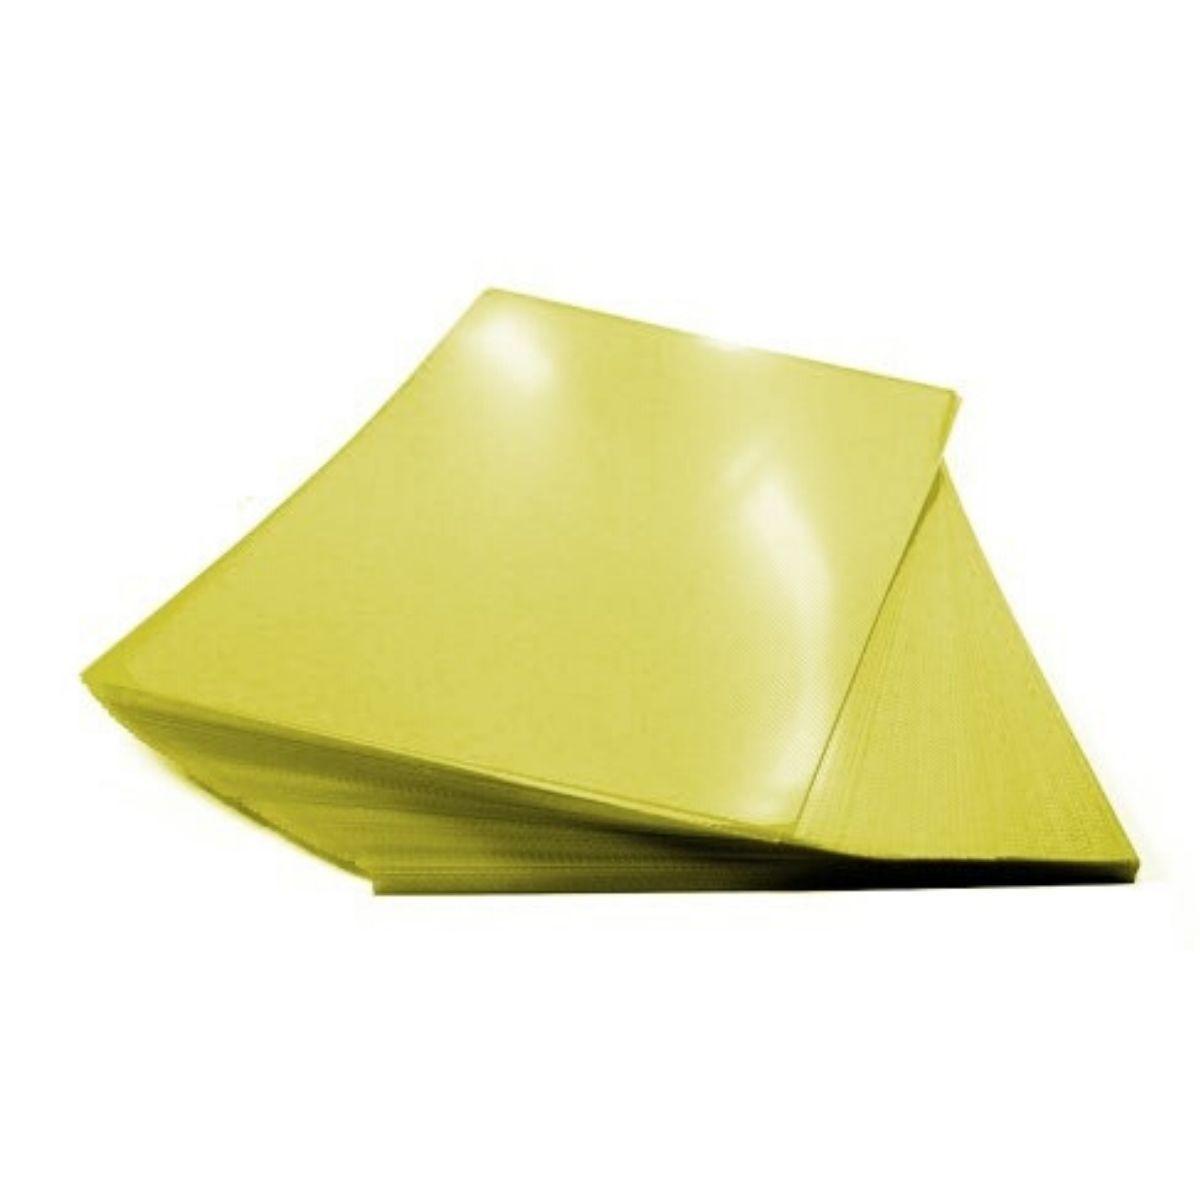 Kit 200 Capas para Encadernação A4 - Cristal Line (Frente) e Amarela Couro (Fundo)  - Click Suprimentos